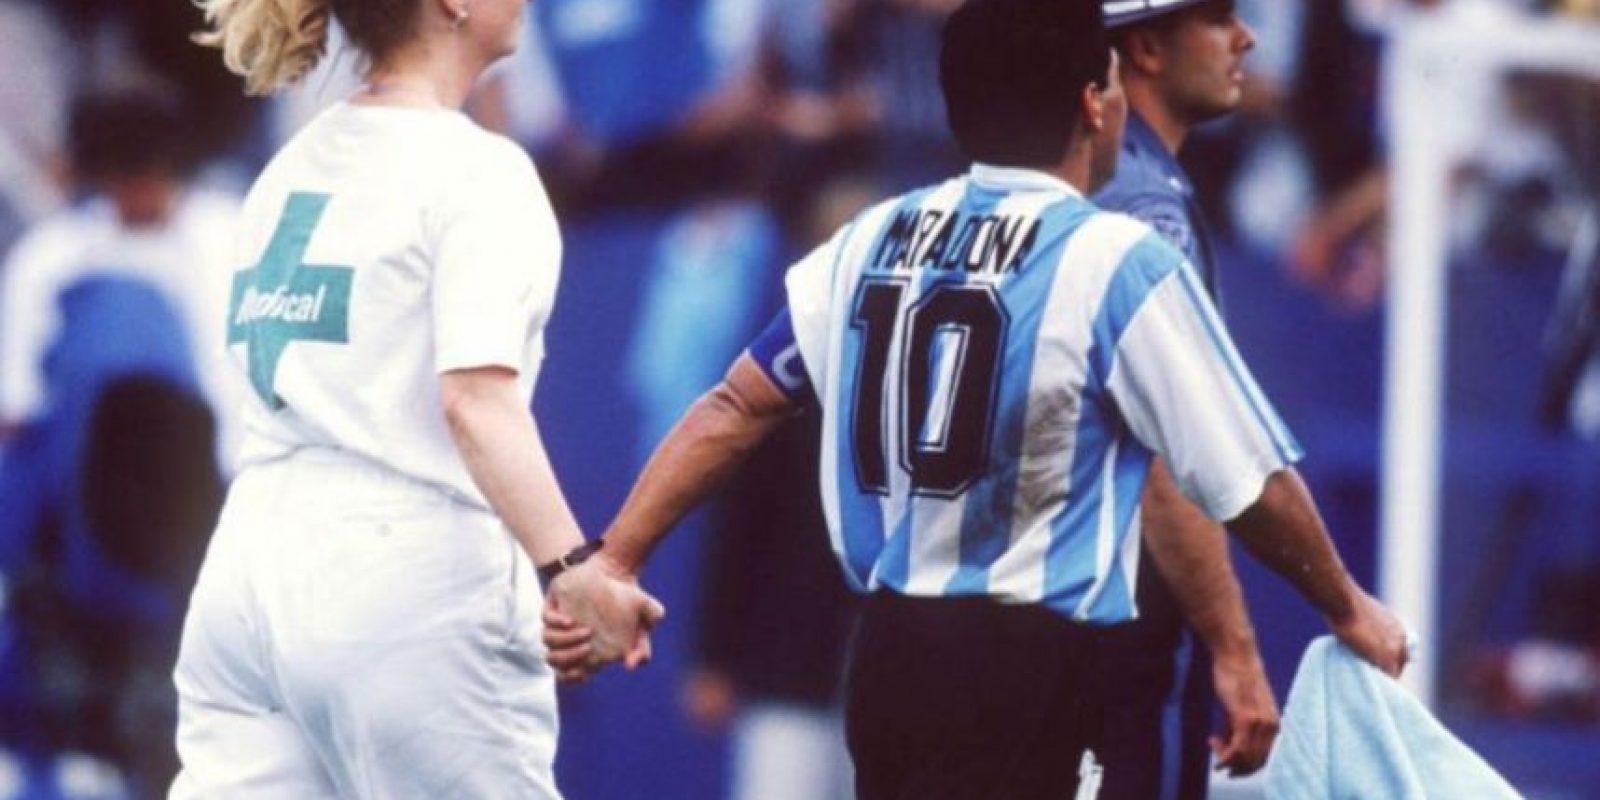 """2. Diego Armando dio positivo en el Mundial de 1994, después de jugar contra Nigeria. Fue su último partido con la """"Albiceleste"""" Foto:Getty Images"""